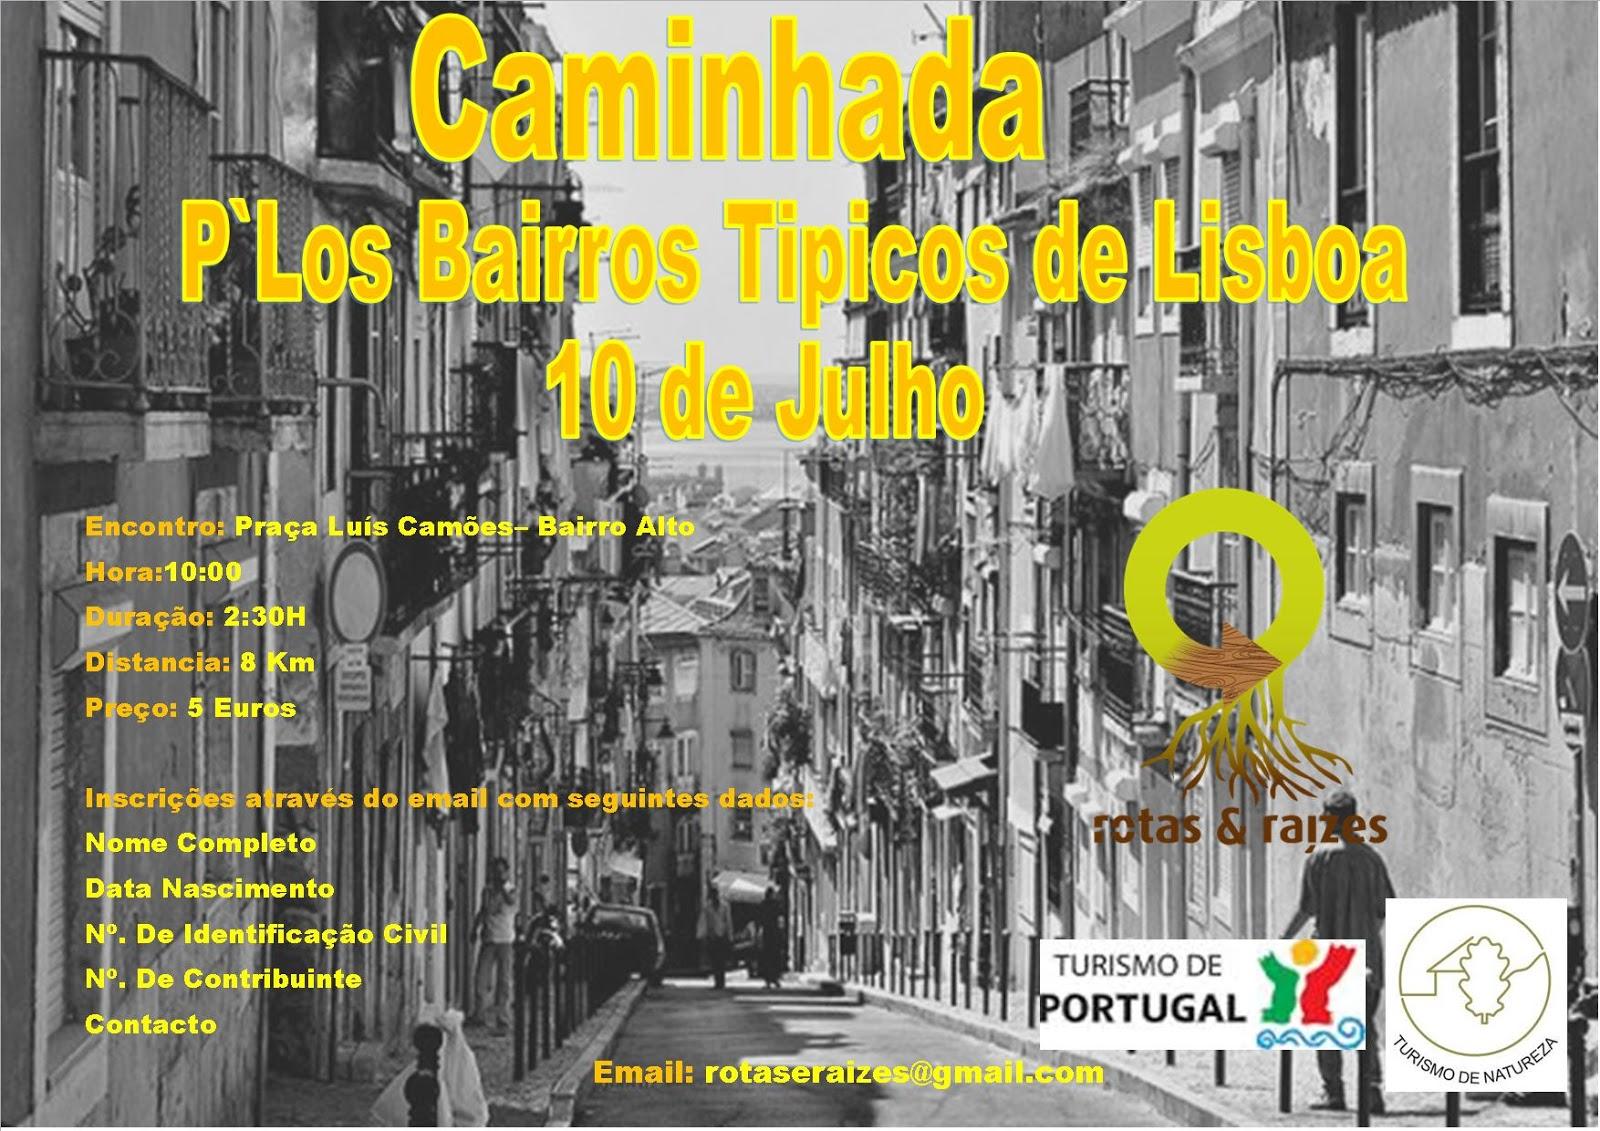 O Fórum das Caminhadas - Portal Cartaz%2Bbairros%2BTipicos%2Bde%2BLisboa